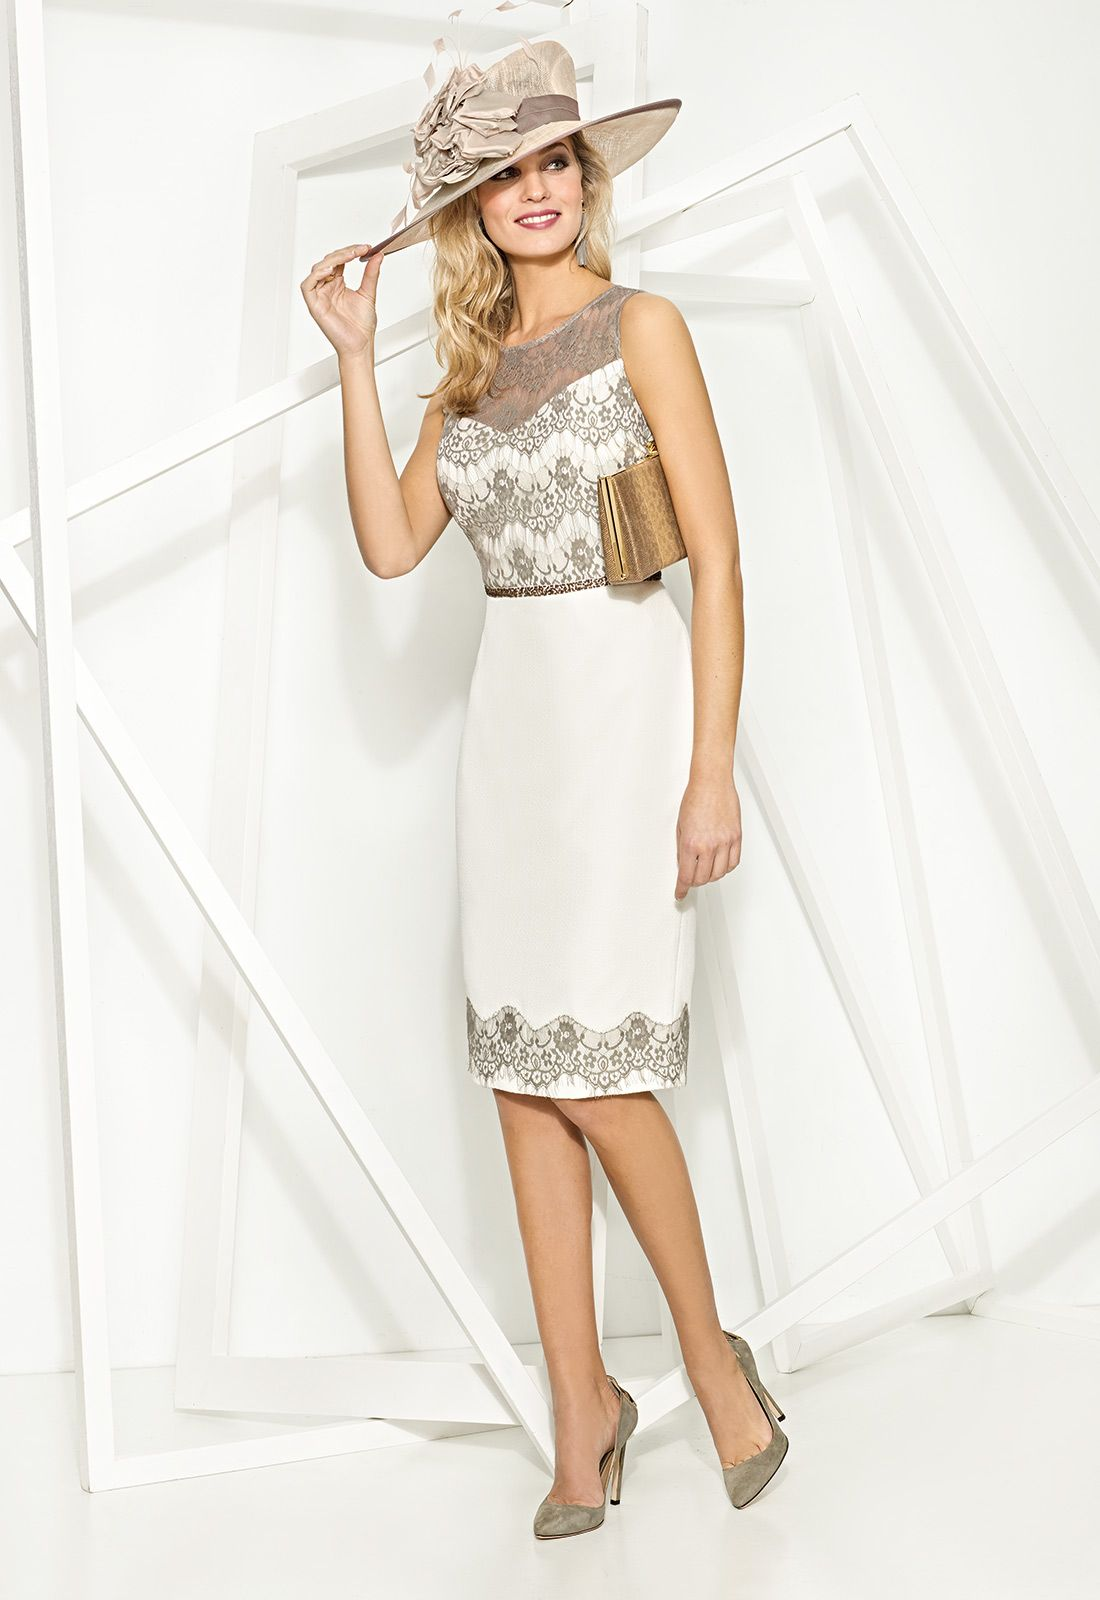 dfad7cf11a7 Consigue el vestido Donna 7765 en Cabotine. Todo en las últimas tendencias  y los mejores diseños.